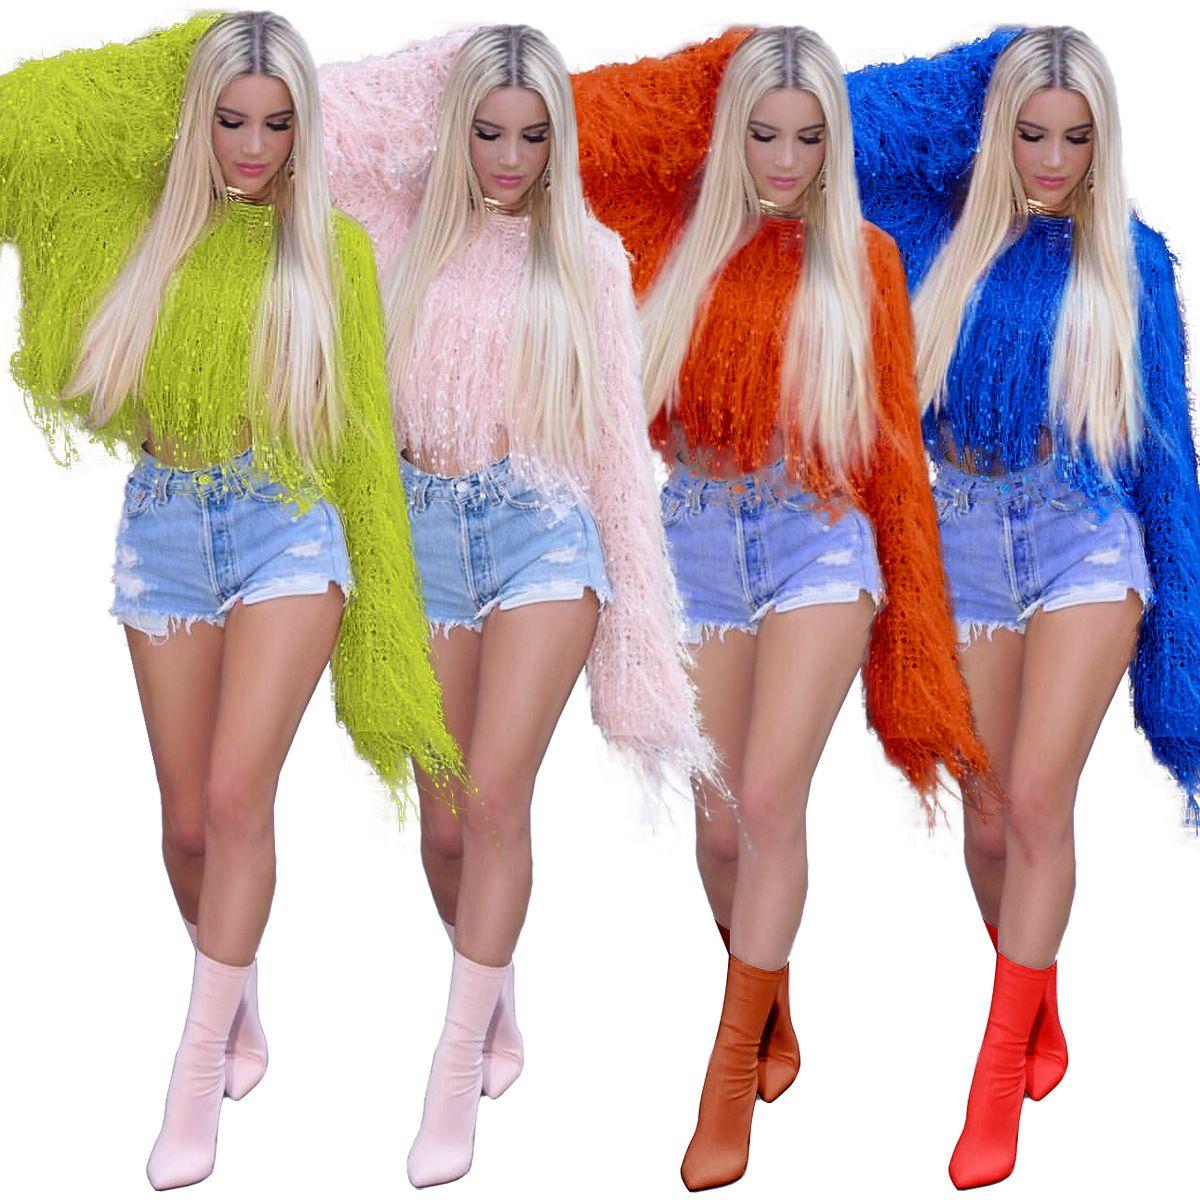 Seksi Kış Triko Kadınlar Ç Boyun Püskül Uzun Batwing Sleeve Gevşek Casual Kazak Sweetwear Mahsul Tops kızlar Giysiler